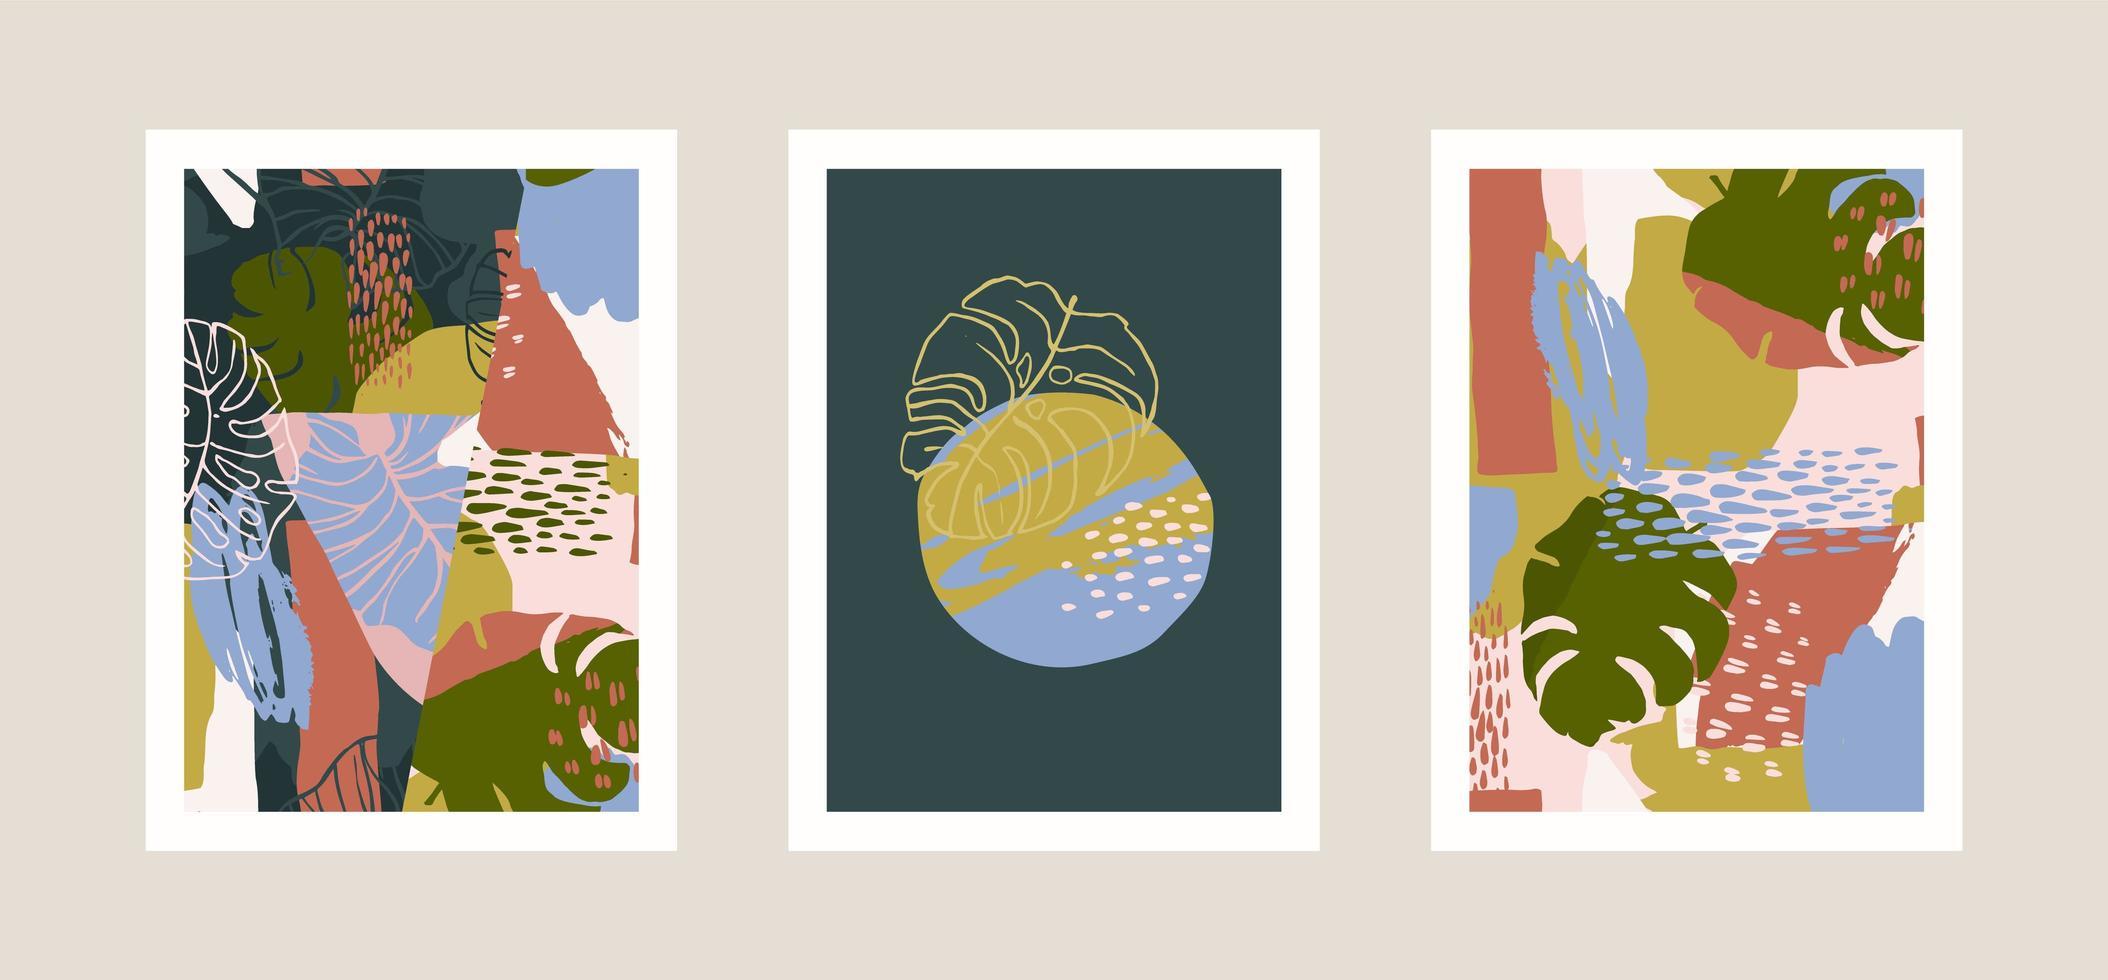 verzameling art prints met abstracte tropische bladeren. modern ontwerp voor posters, covers, kaarten, interieur en andere gebruikers. vector